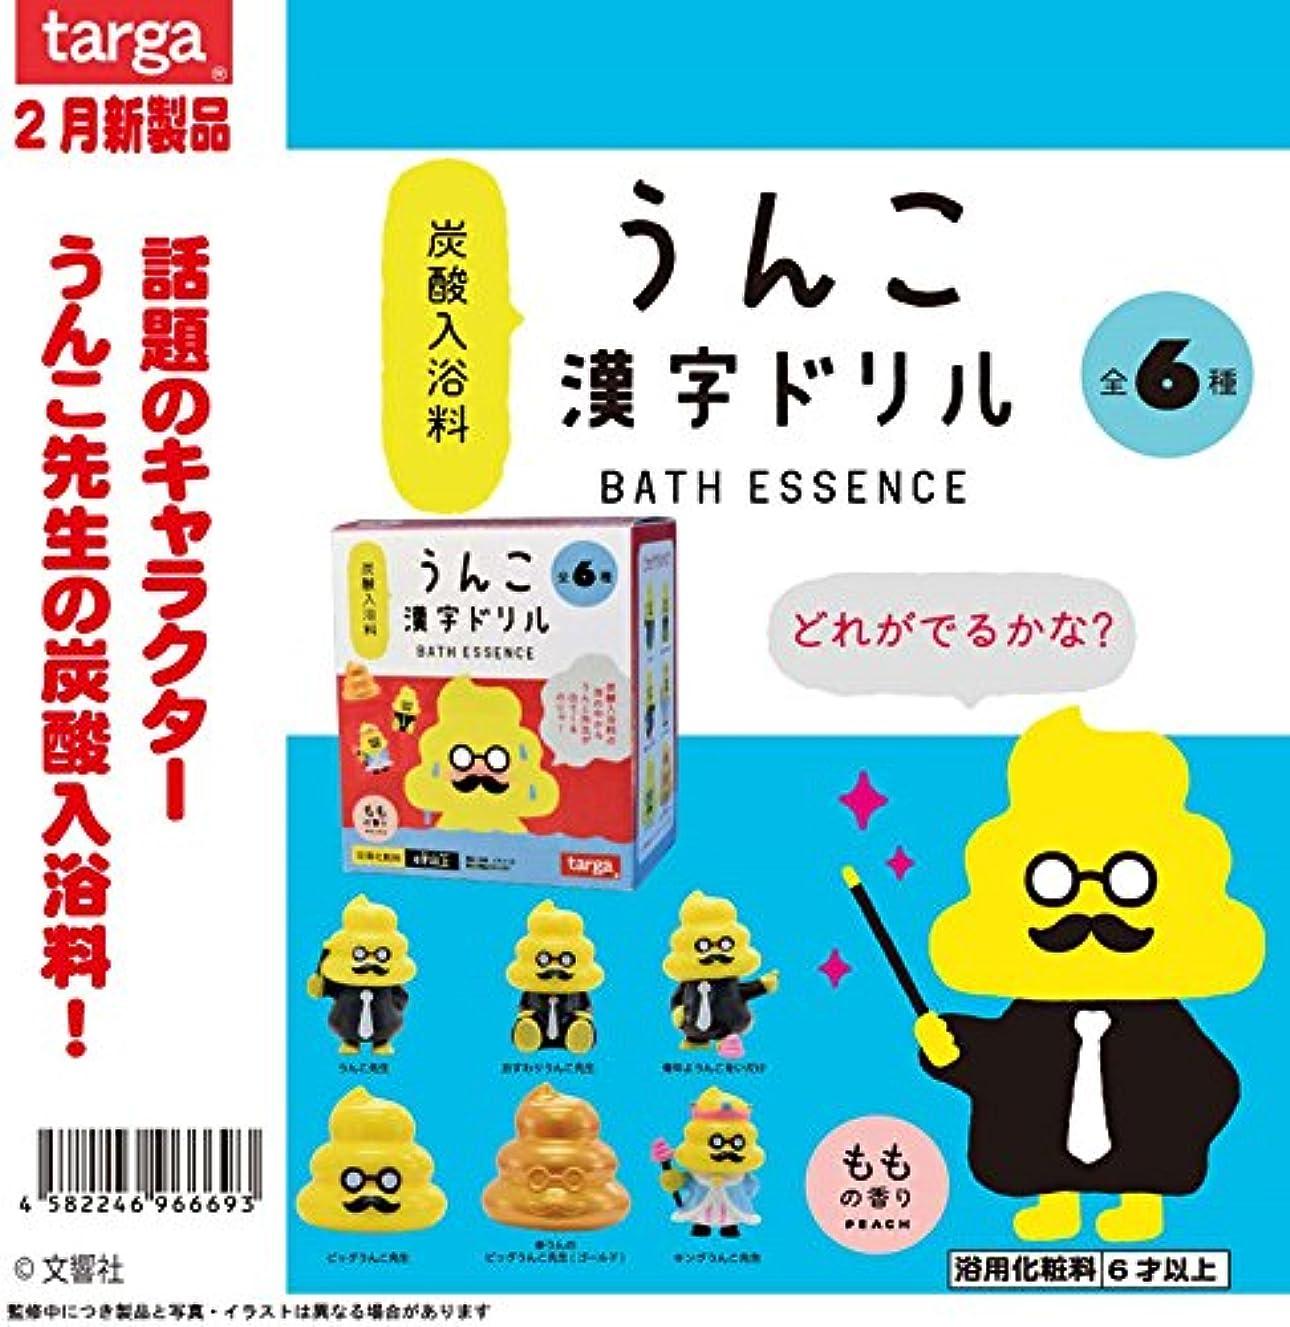 アメリカ科学みうんこ漢字ドリル 炭酸入浴料 マスコットが飛び出るバスボールBOX(12入)